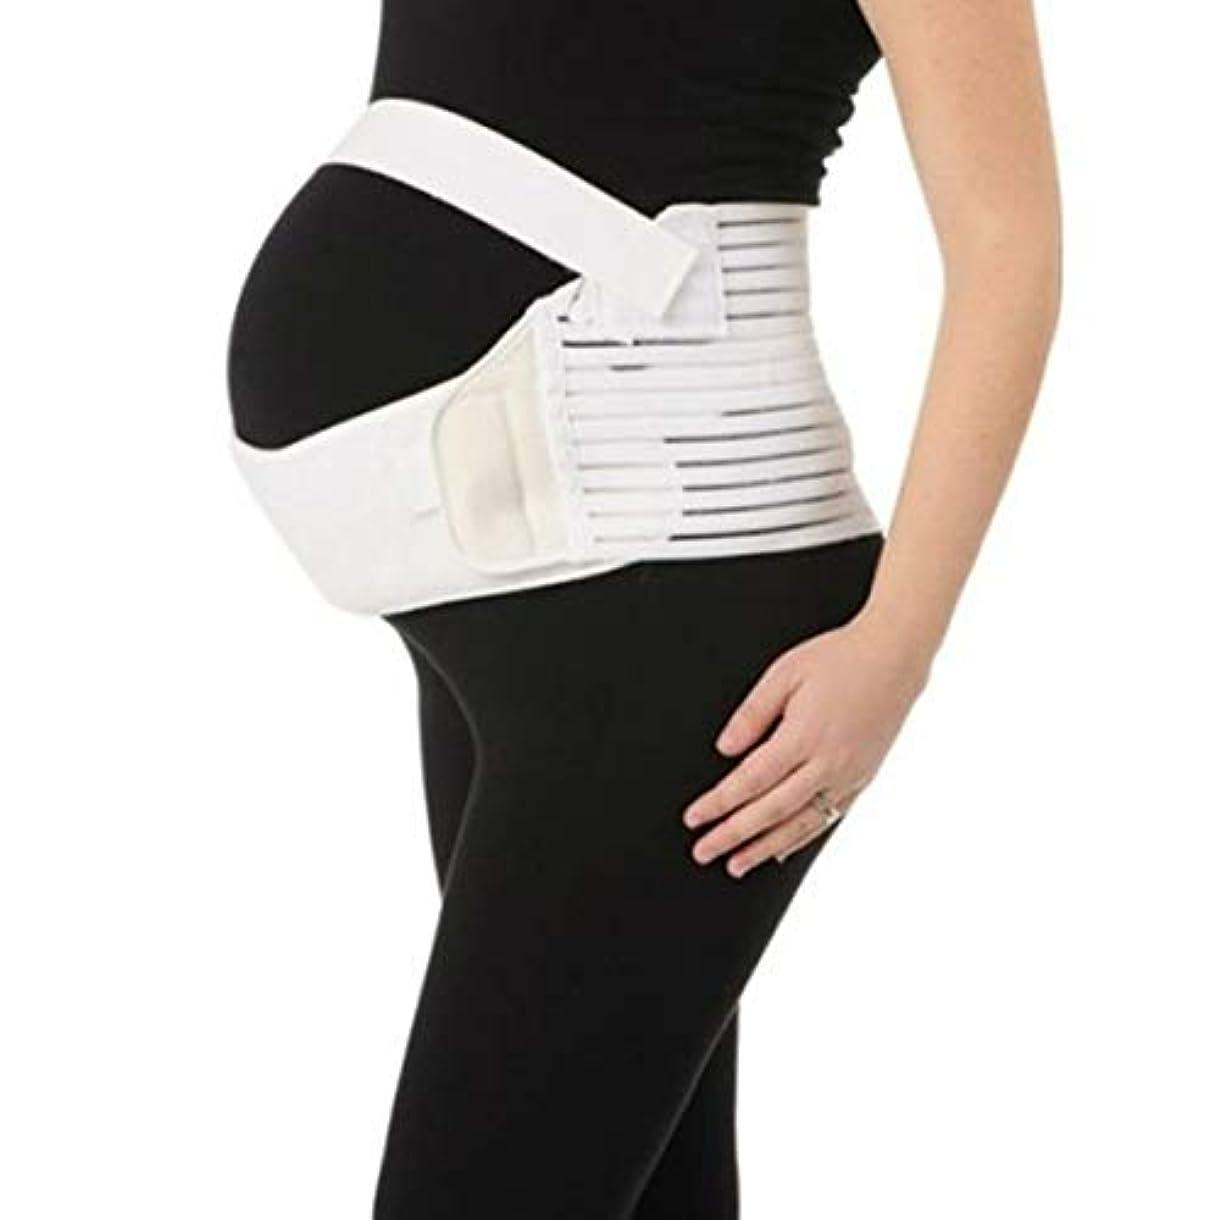 不屈崩壊仮装通気性マタニティベルト妊娠腹部サポート腹部バインダーガードル運動包帯産後回復形状ウェア - ホワイトXL